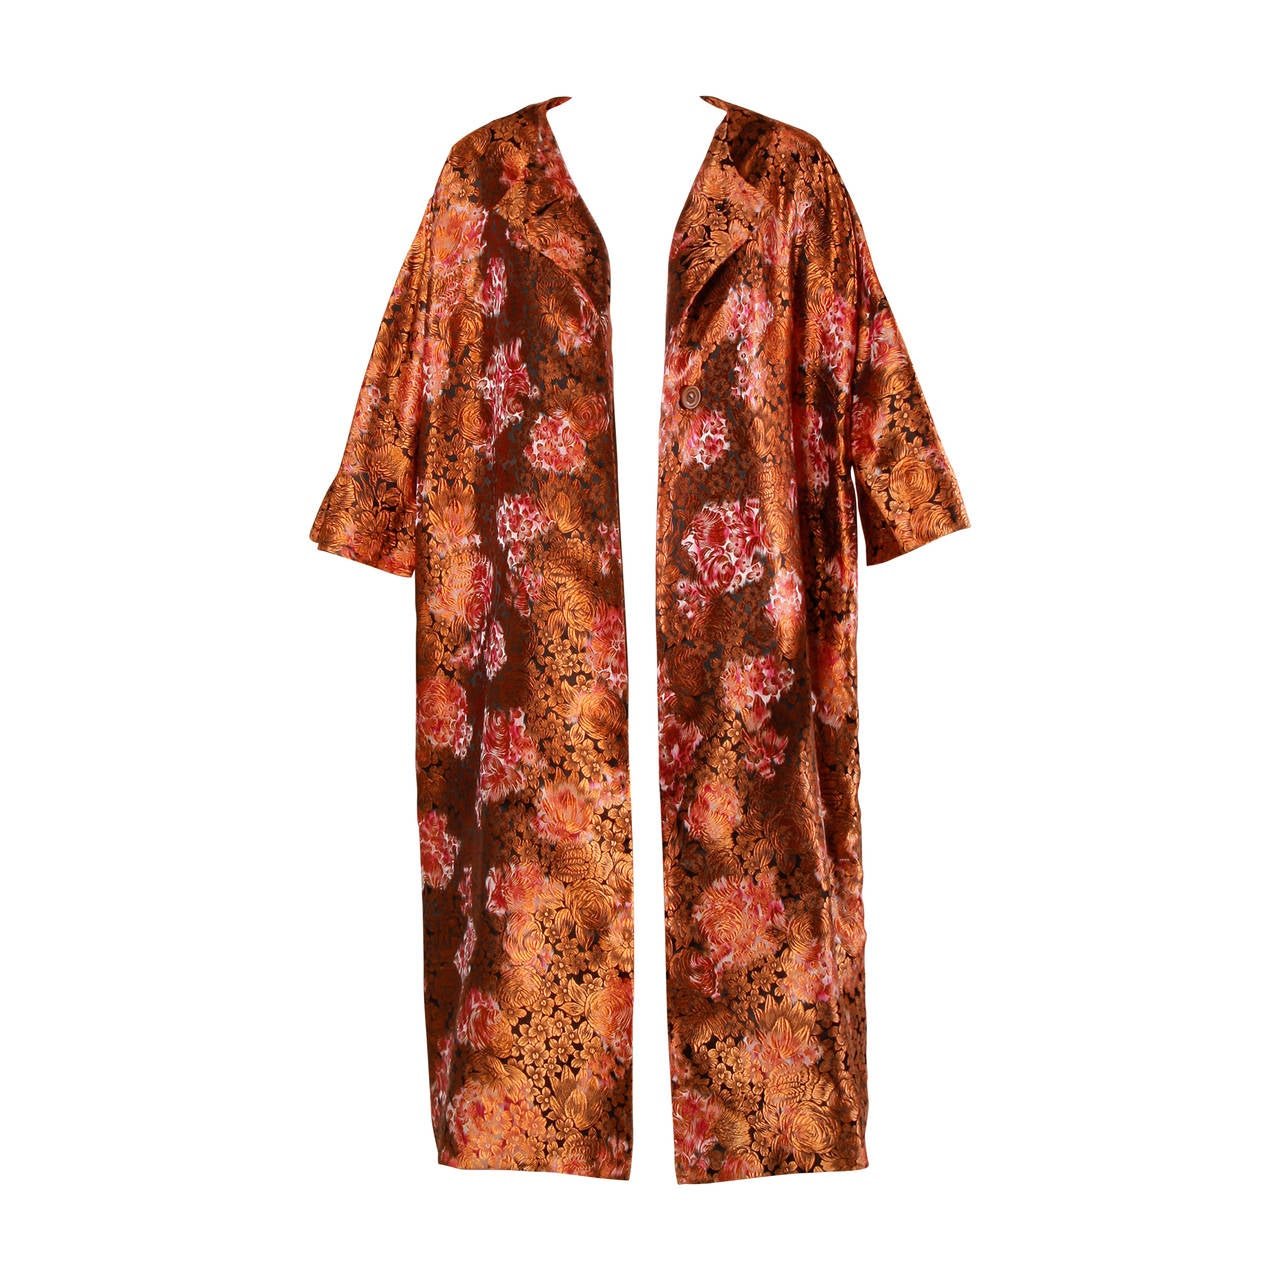 1960s Vintage Japanese Silk Kimono Coat or Robe 1